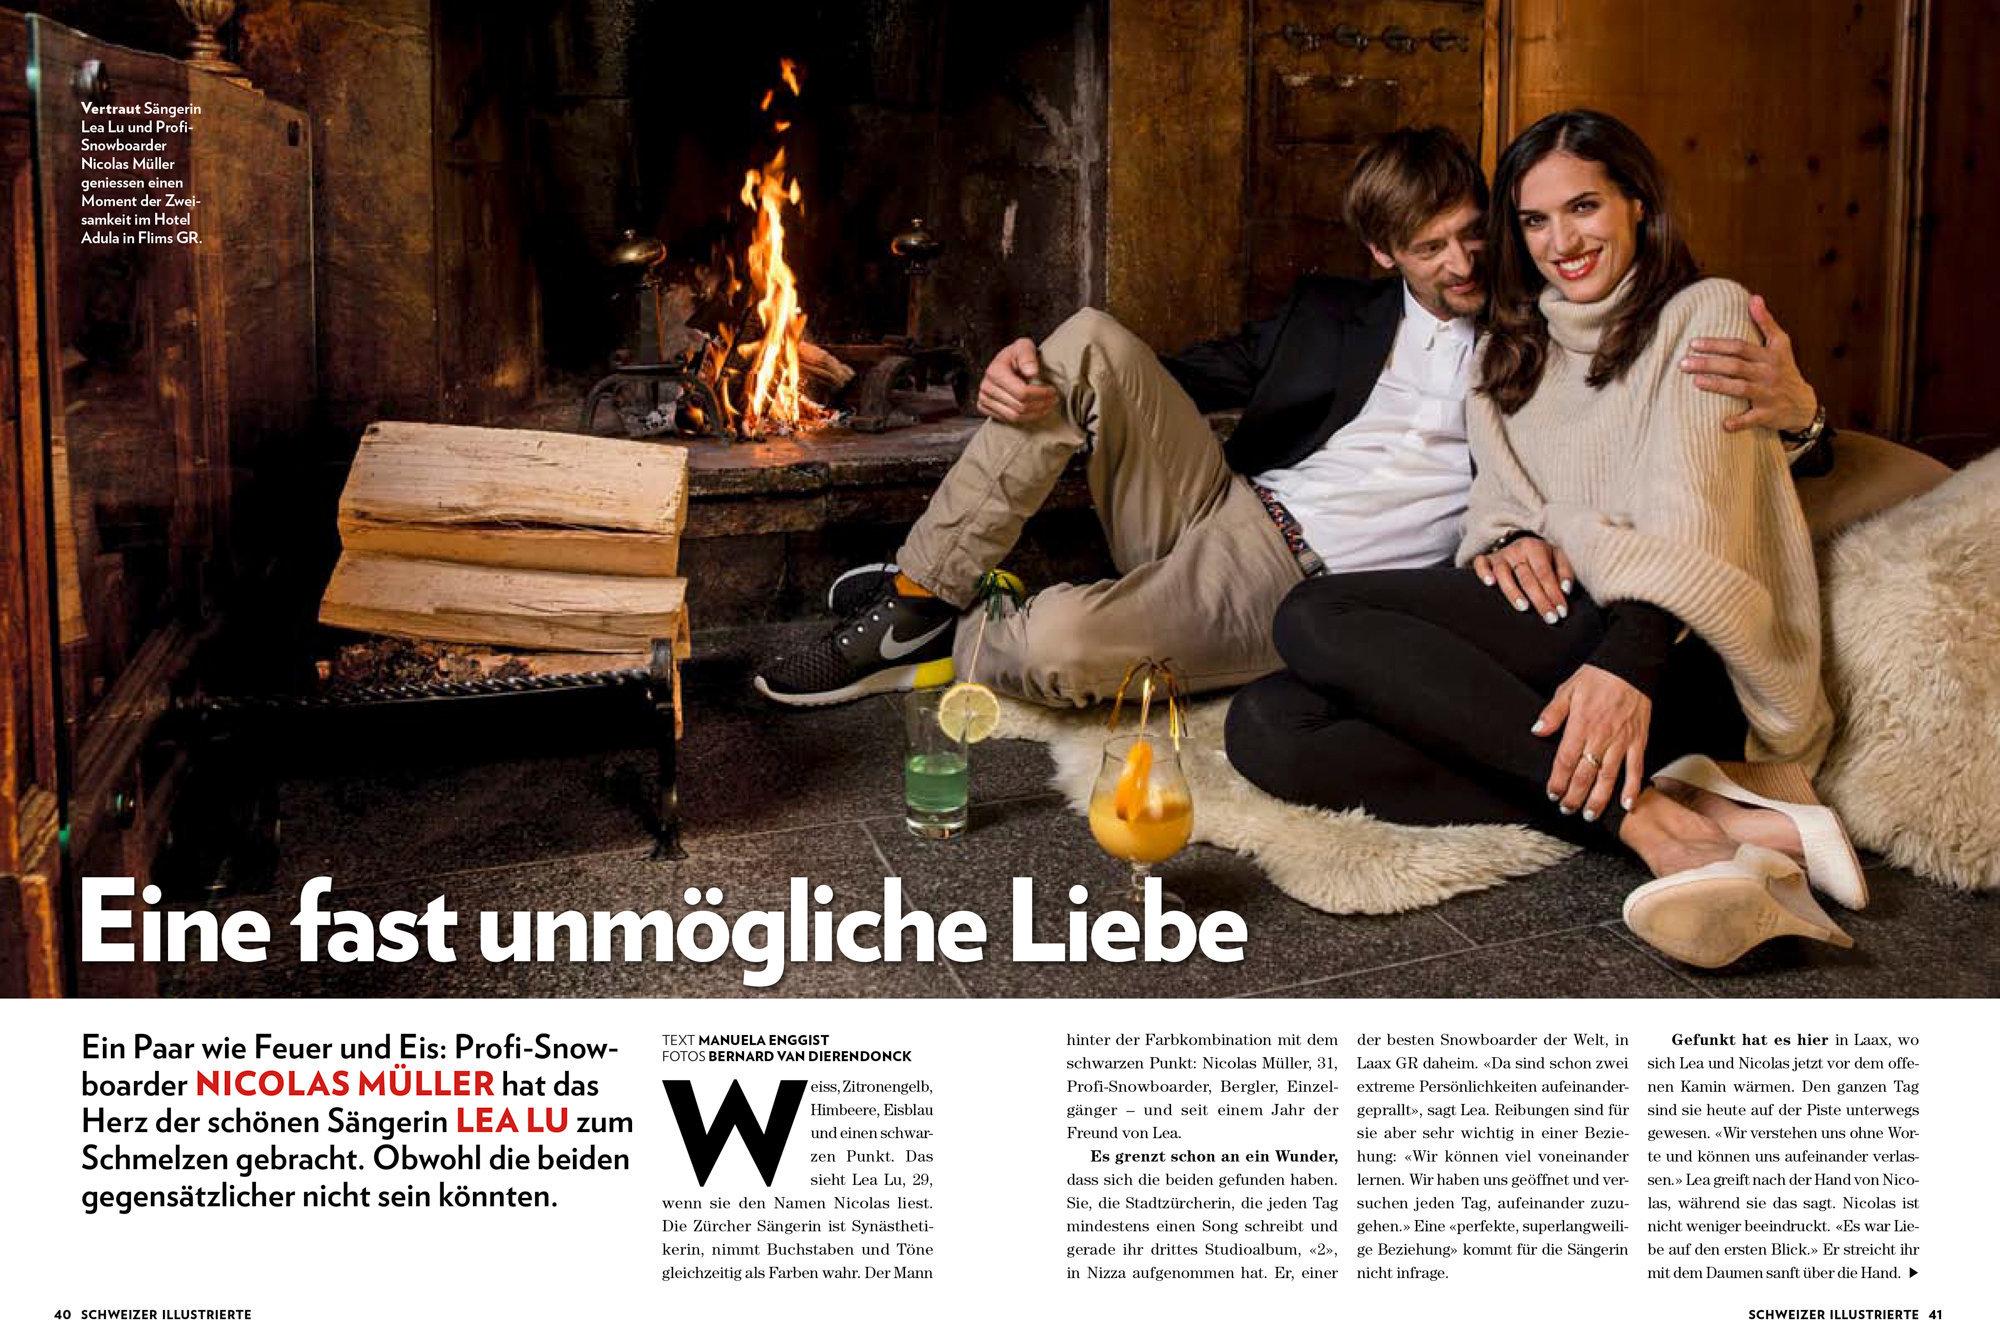 Schweizer Illustrierte 14/2014